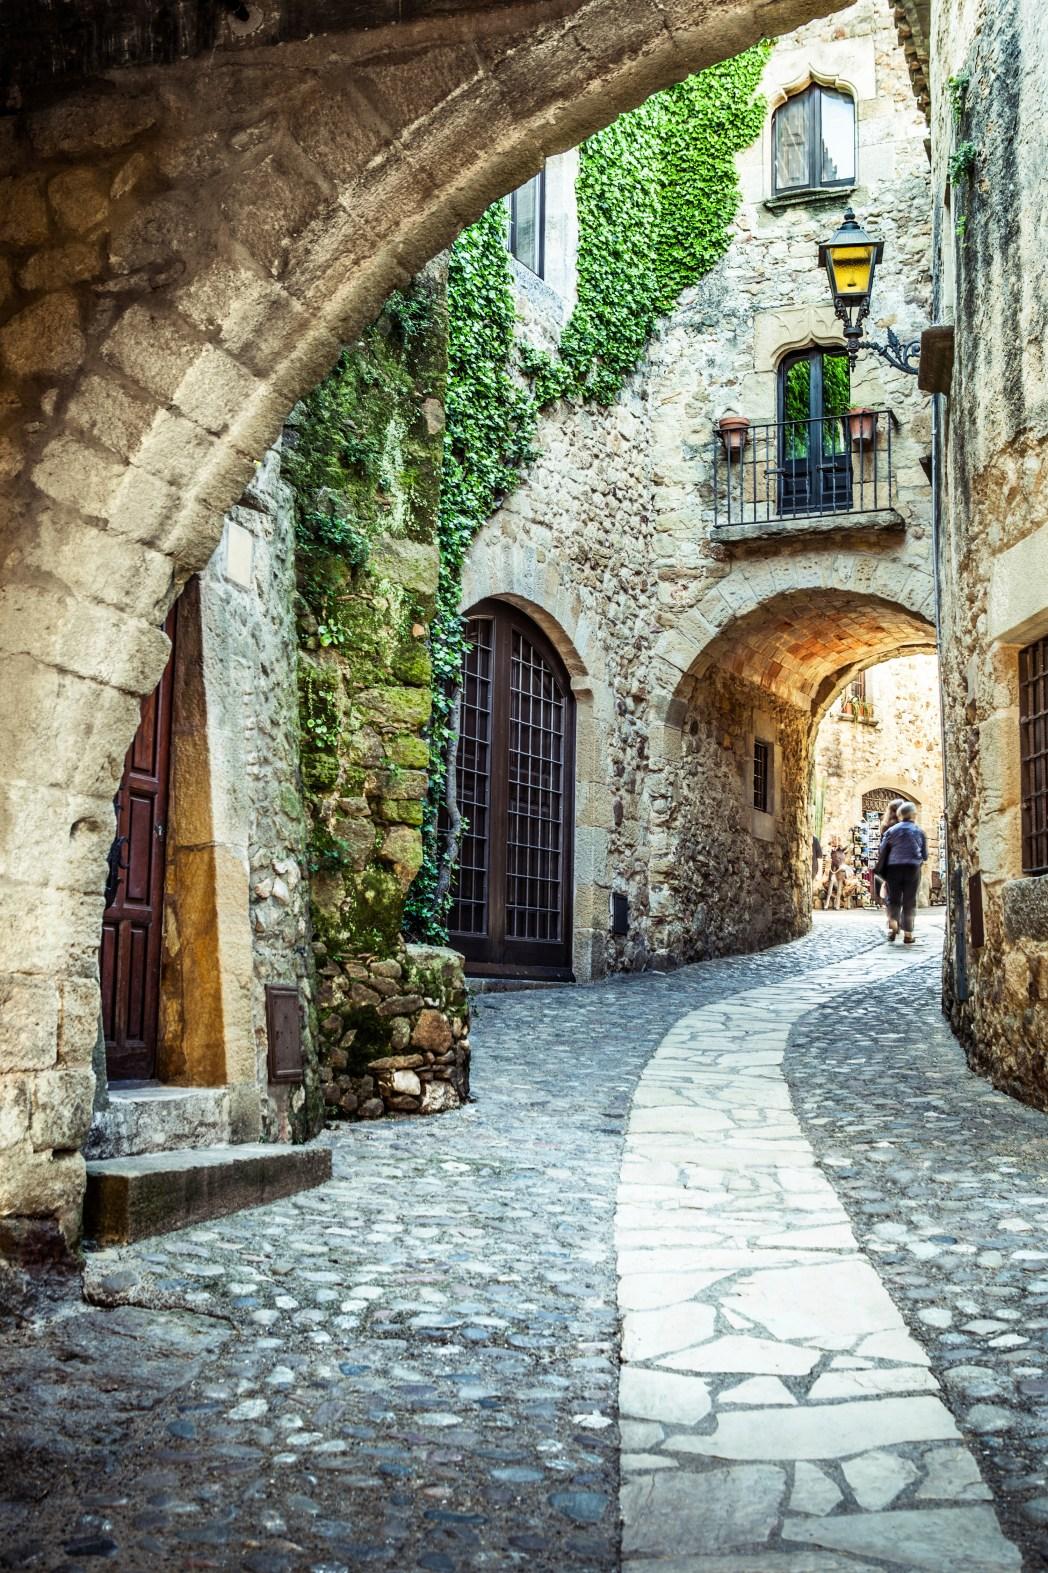 Η παλιά πόλη της Χιρόνα, Καταλονία